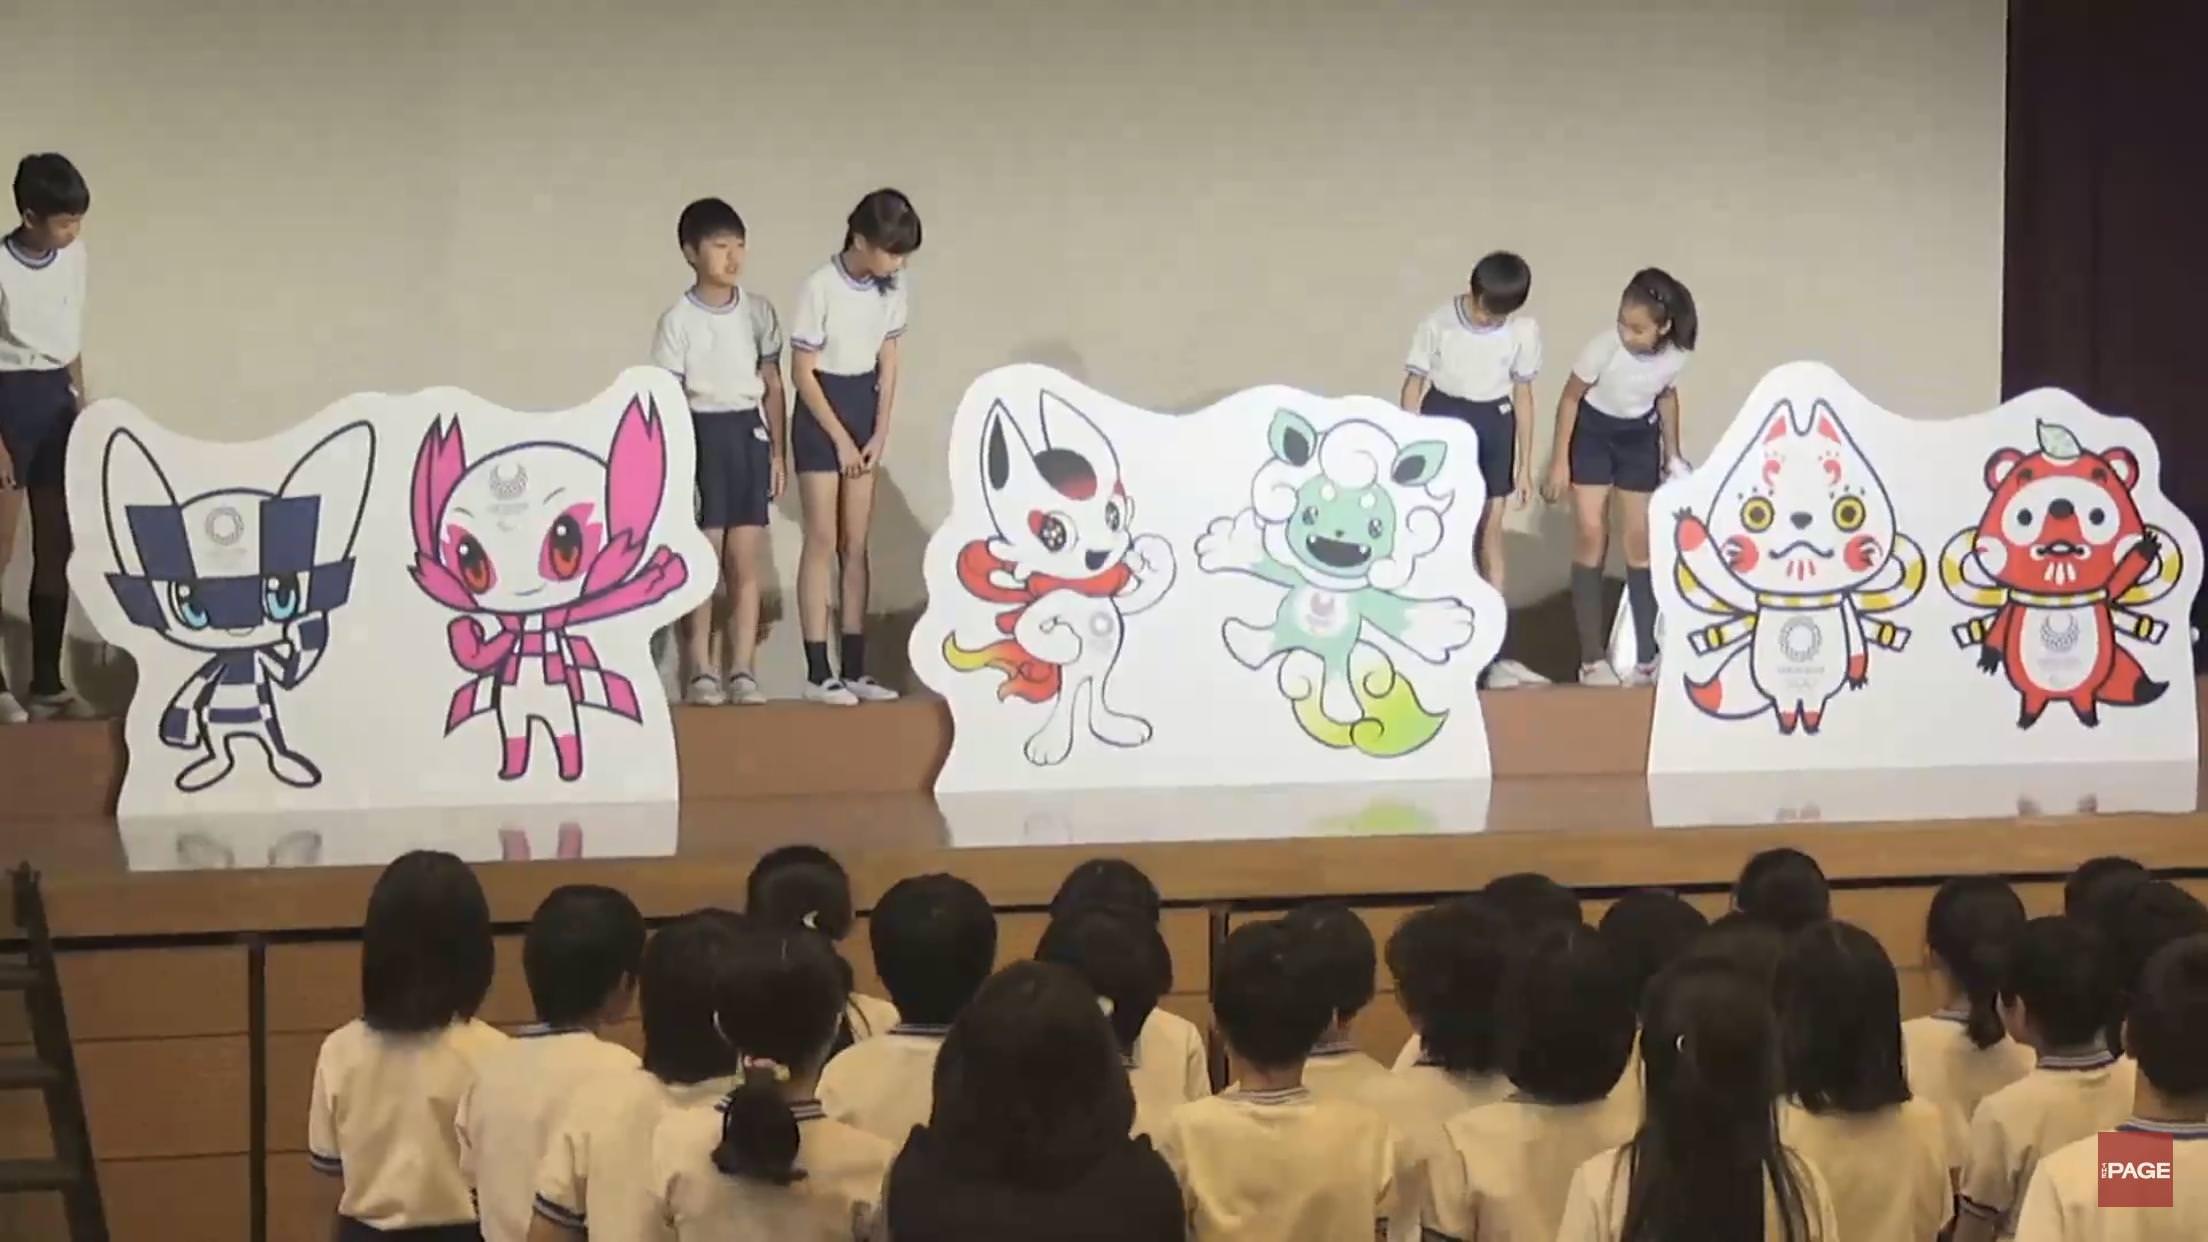 【悲報】東京オリンピックのマスコットキャラがデジモン、ポケモン、妖怪ウォッチでワロタwwwwwwwwのサムネイル画像